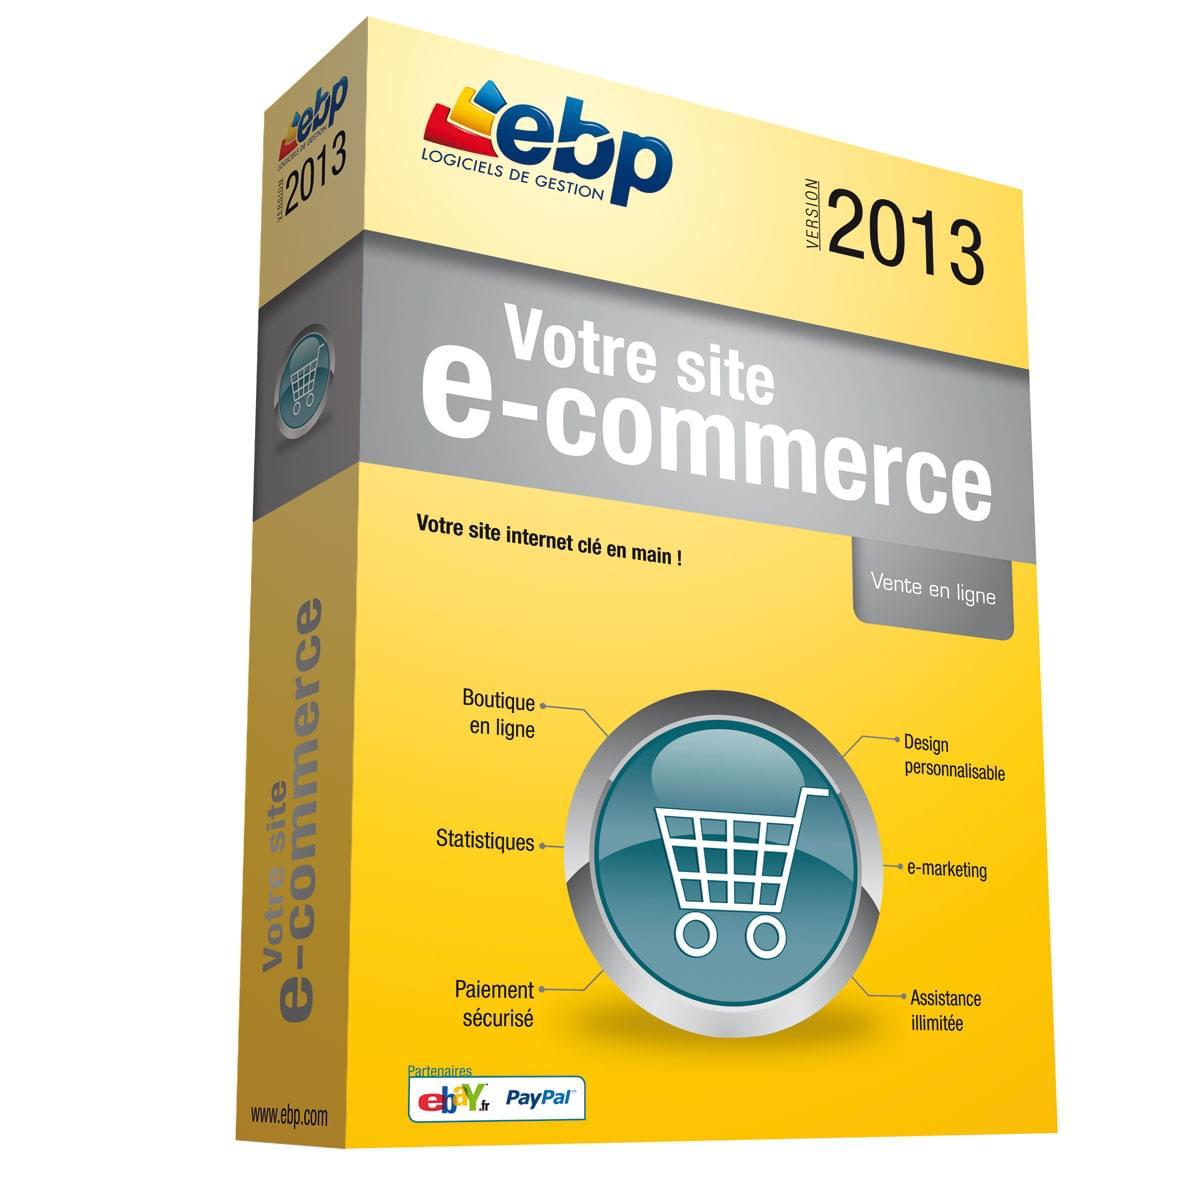 EBP Votre Site @-commerce 2013 (1187J012FAA) - Achat / Vente Logiciel application sur Cybertek.fr - 0